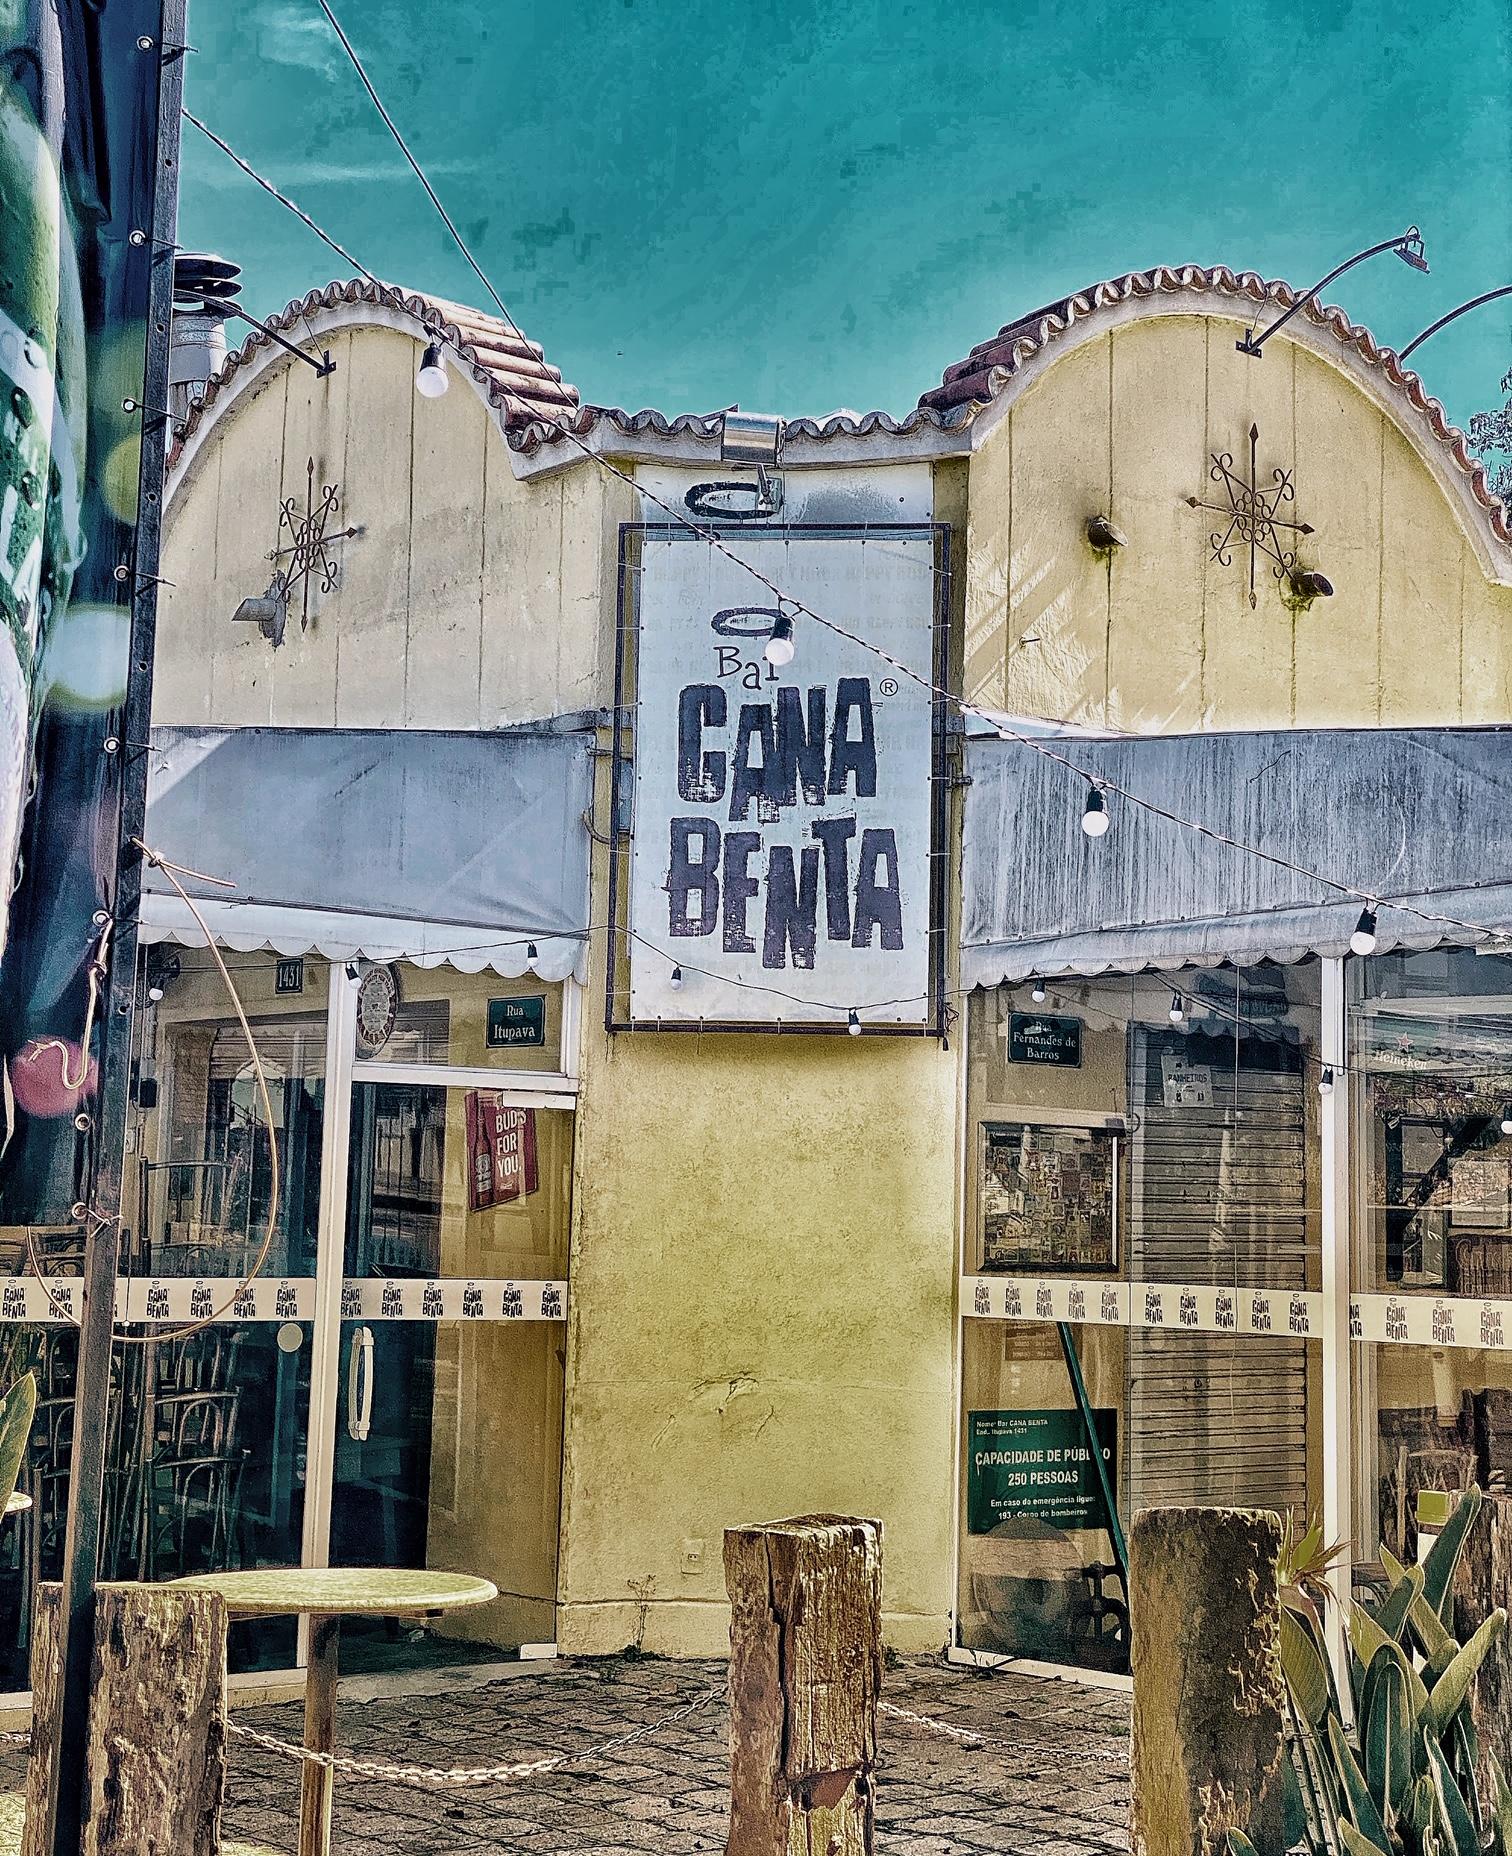 Bar CanaBenta está de volta